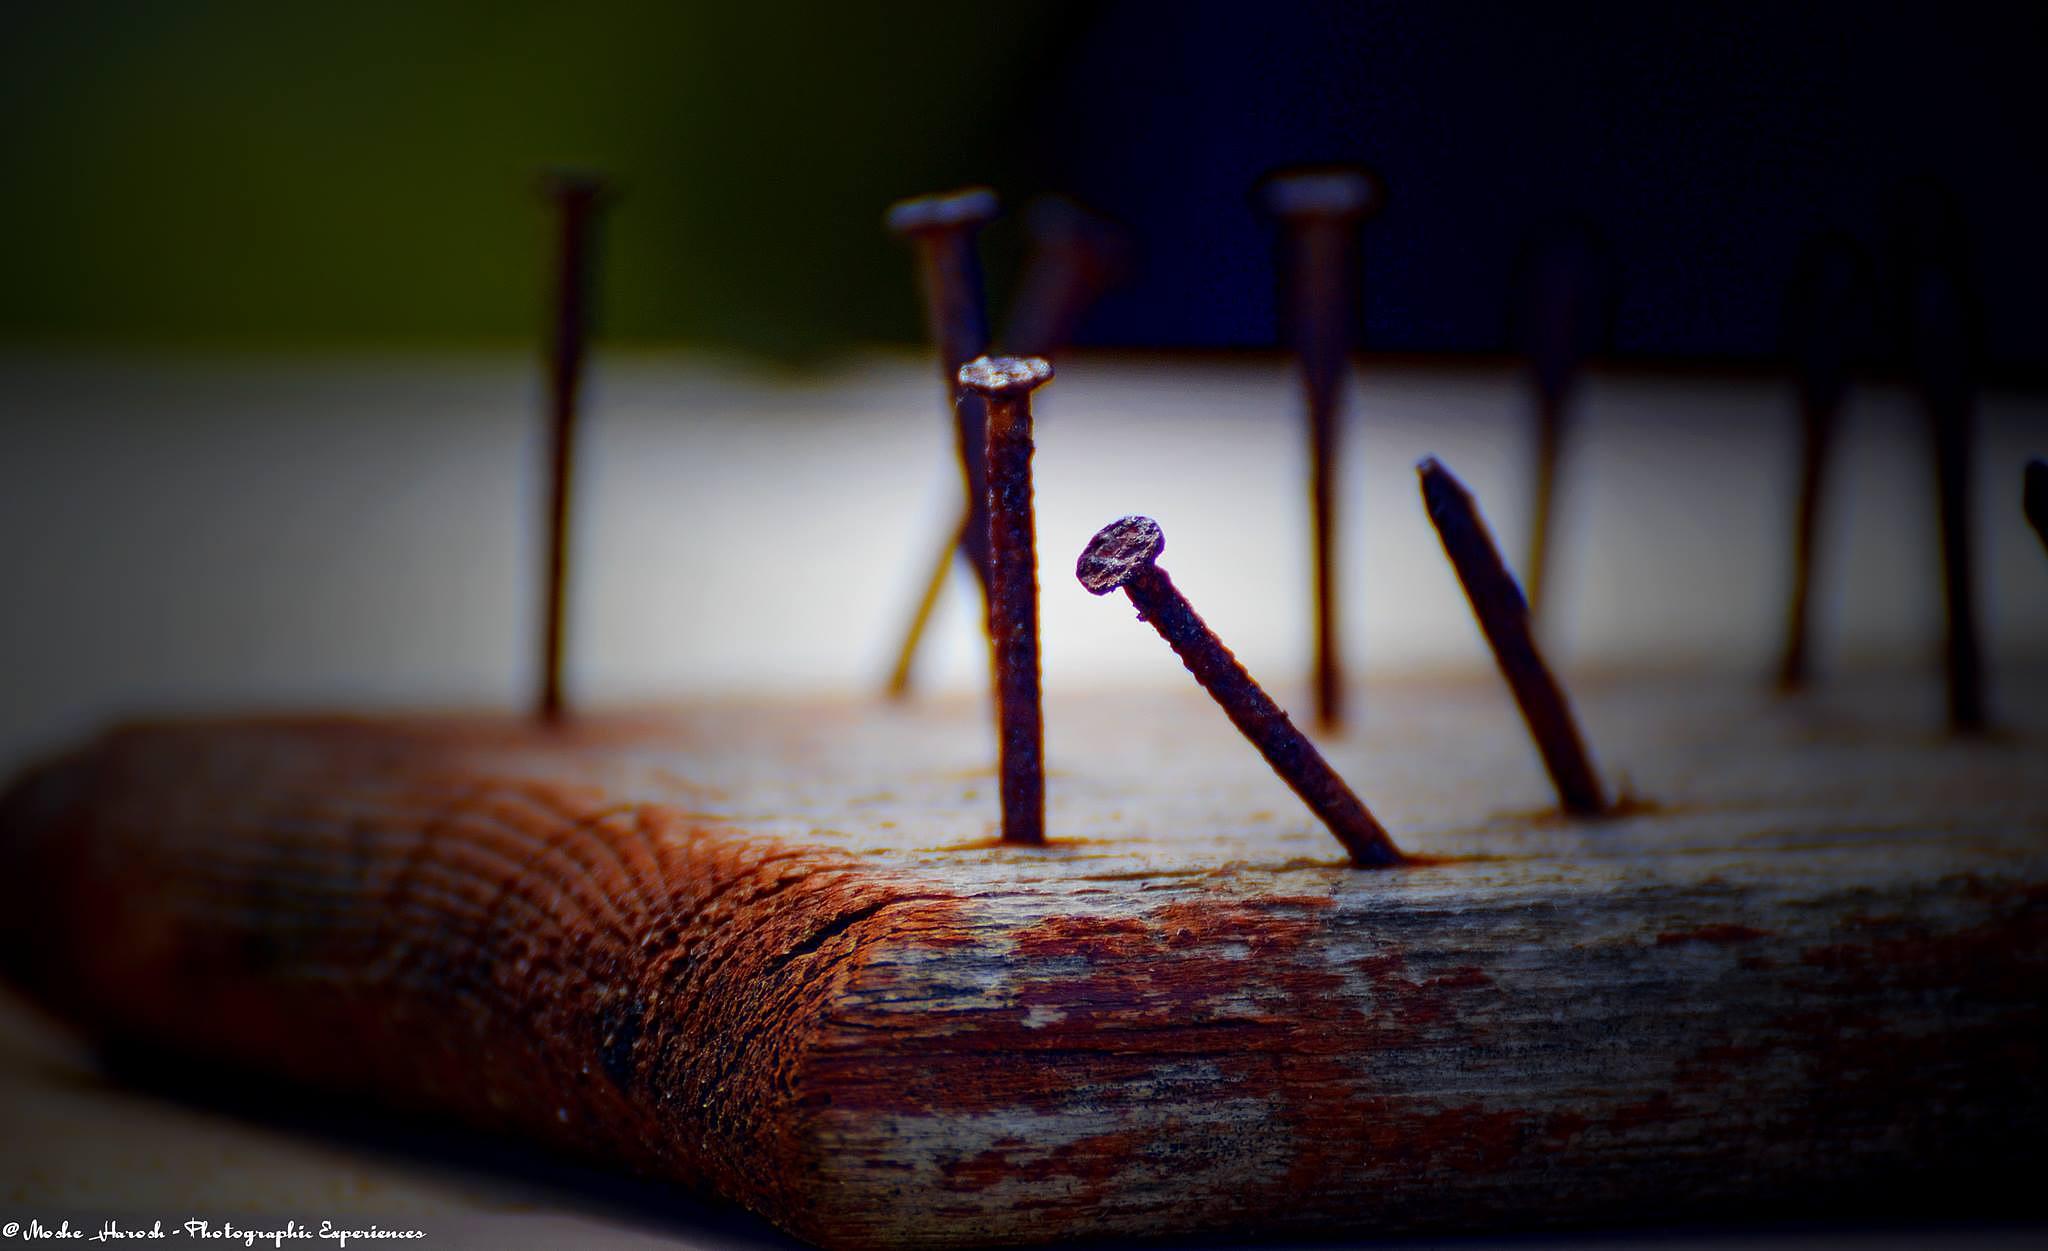 Nails by Moshe Harosh